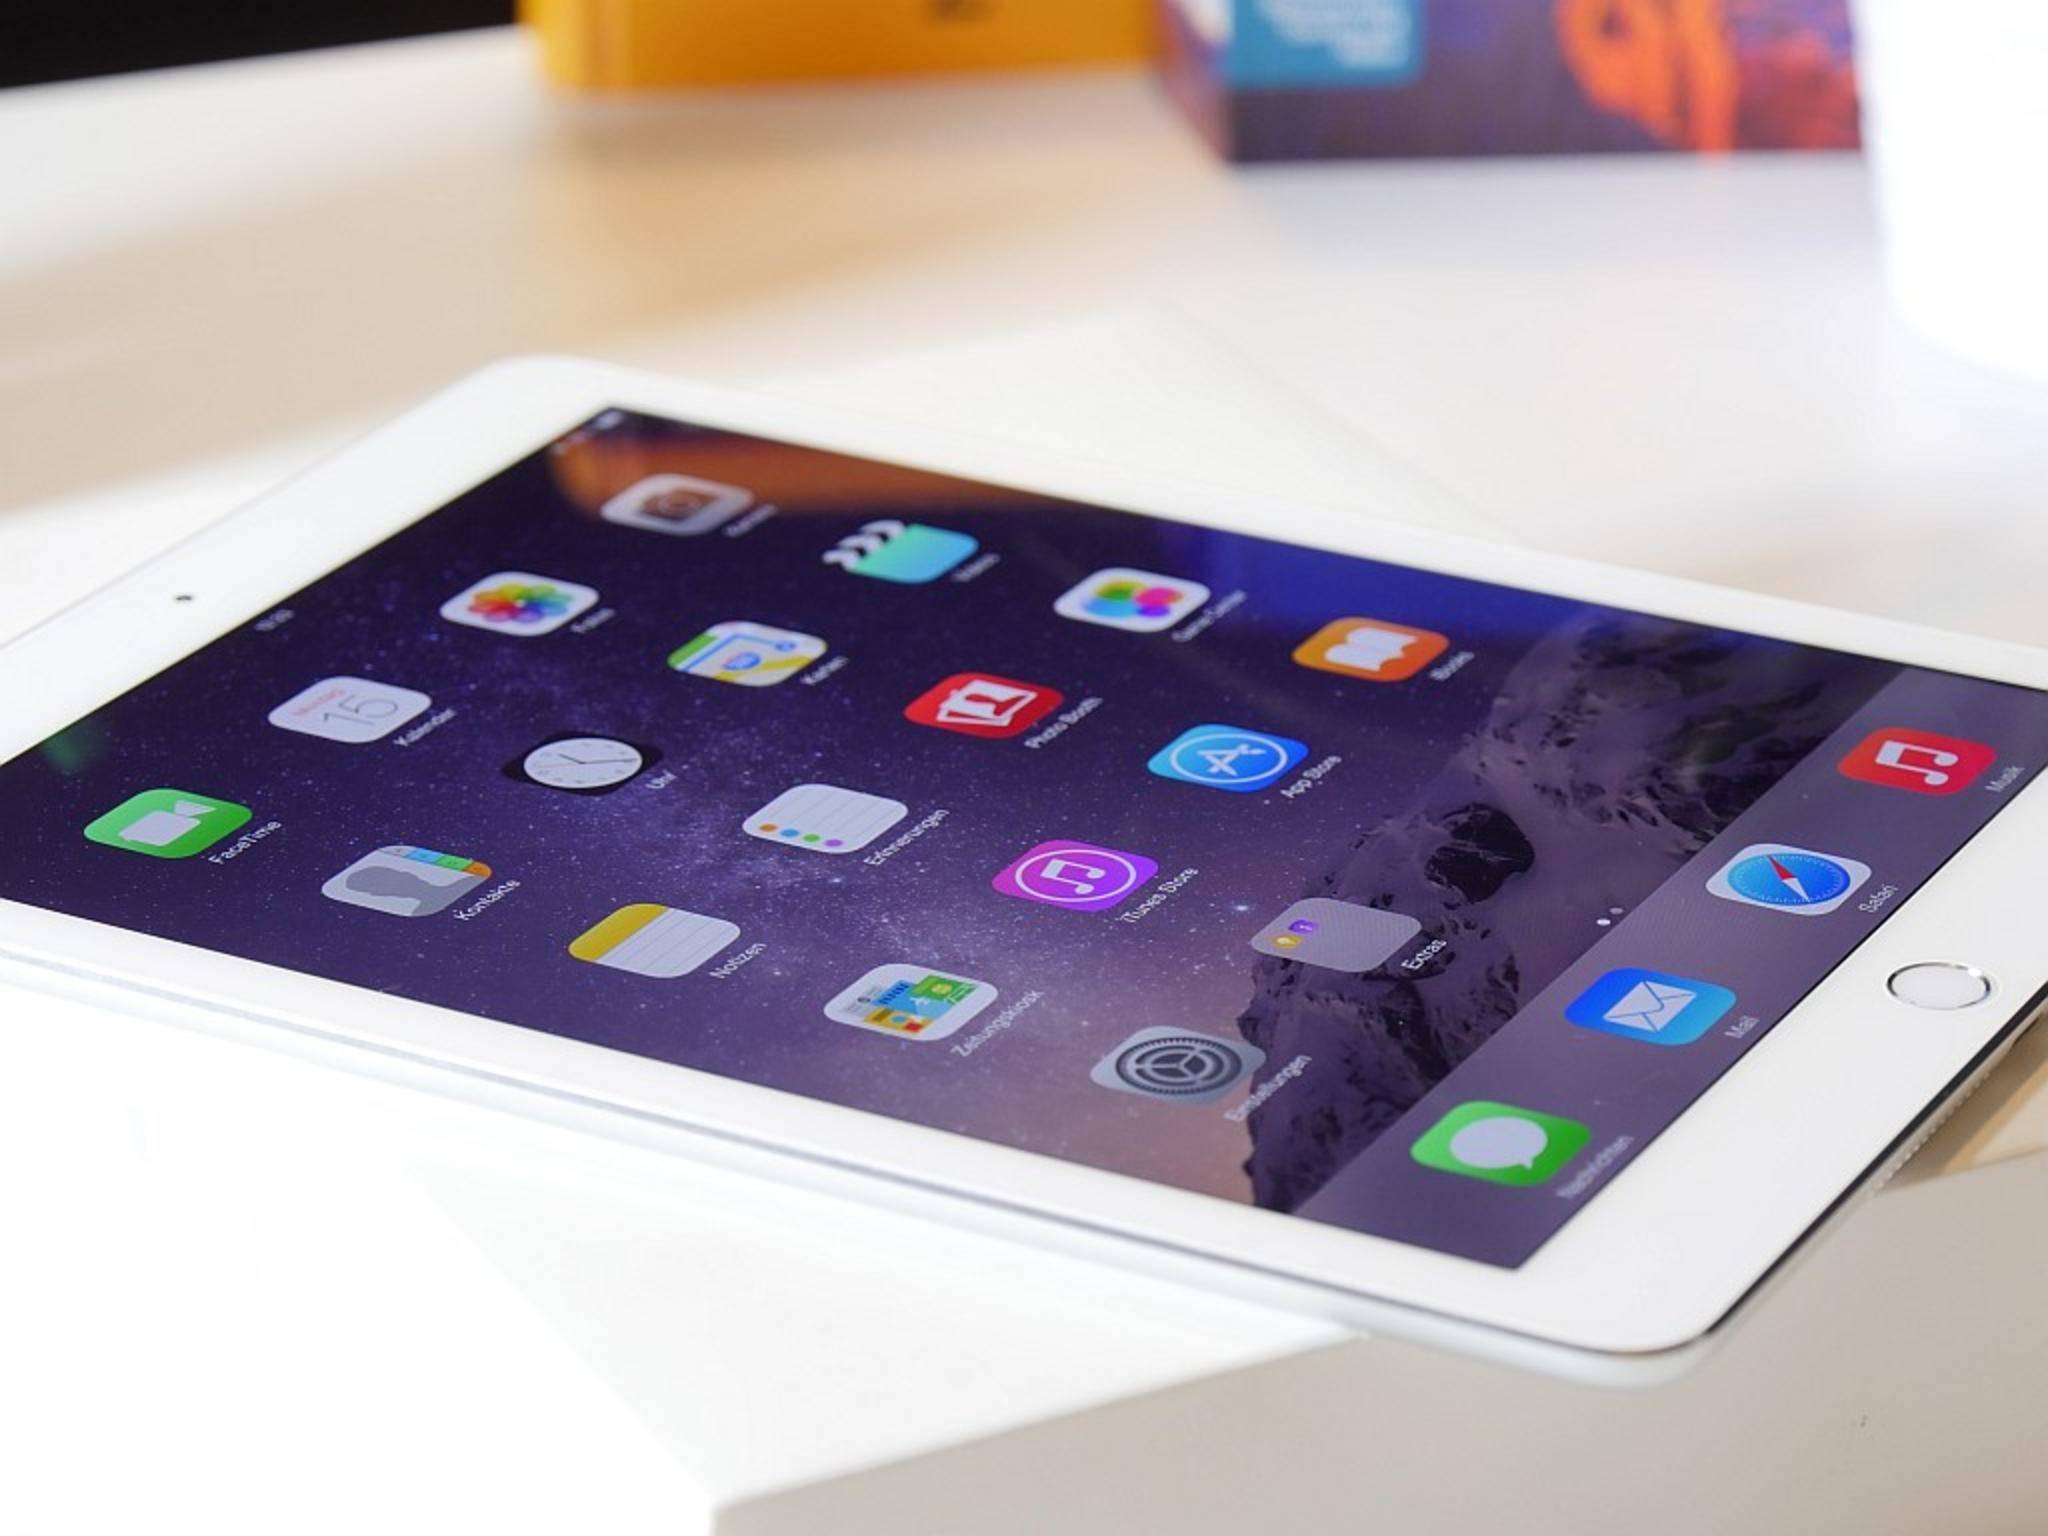 Das iPad Pro könnte sogar noch größer als das iPad Air 2 werden.